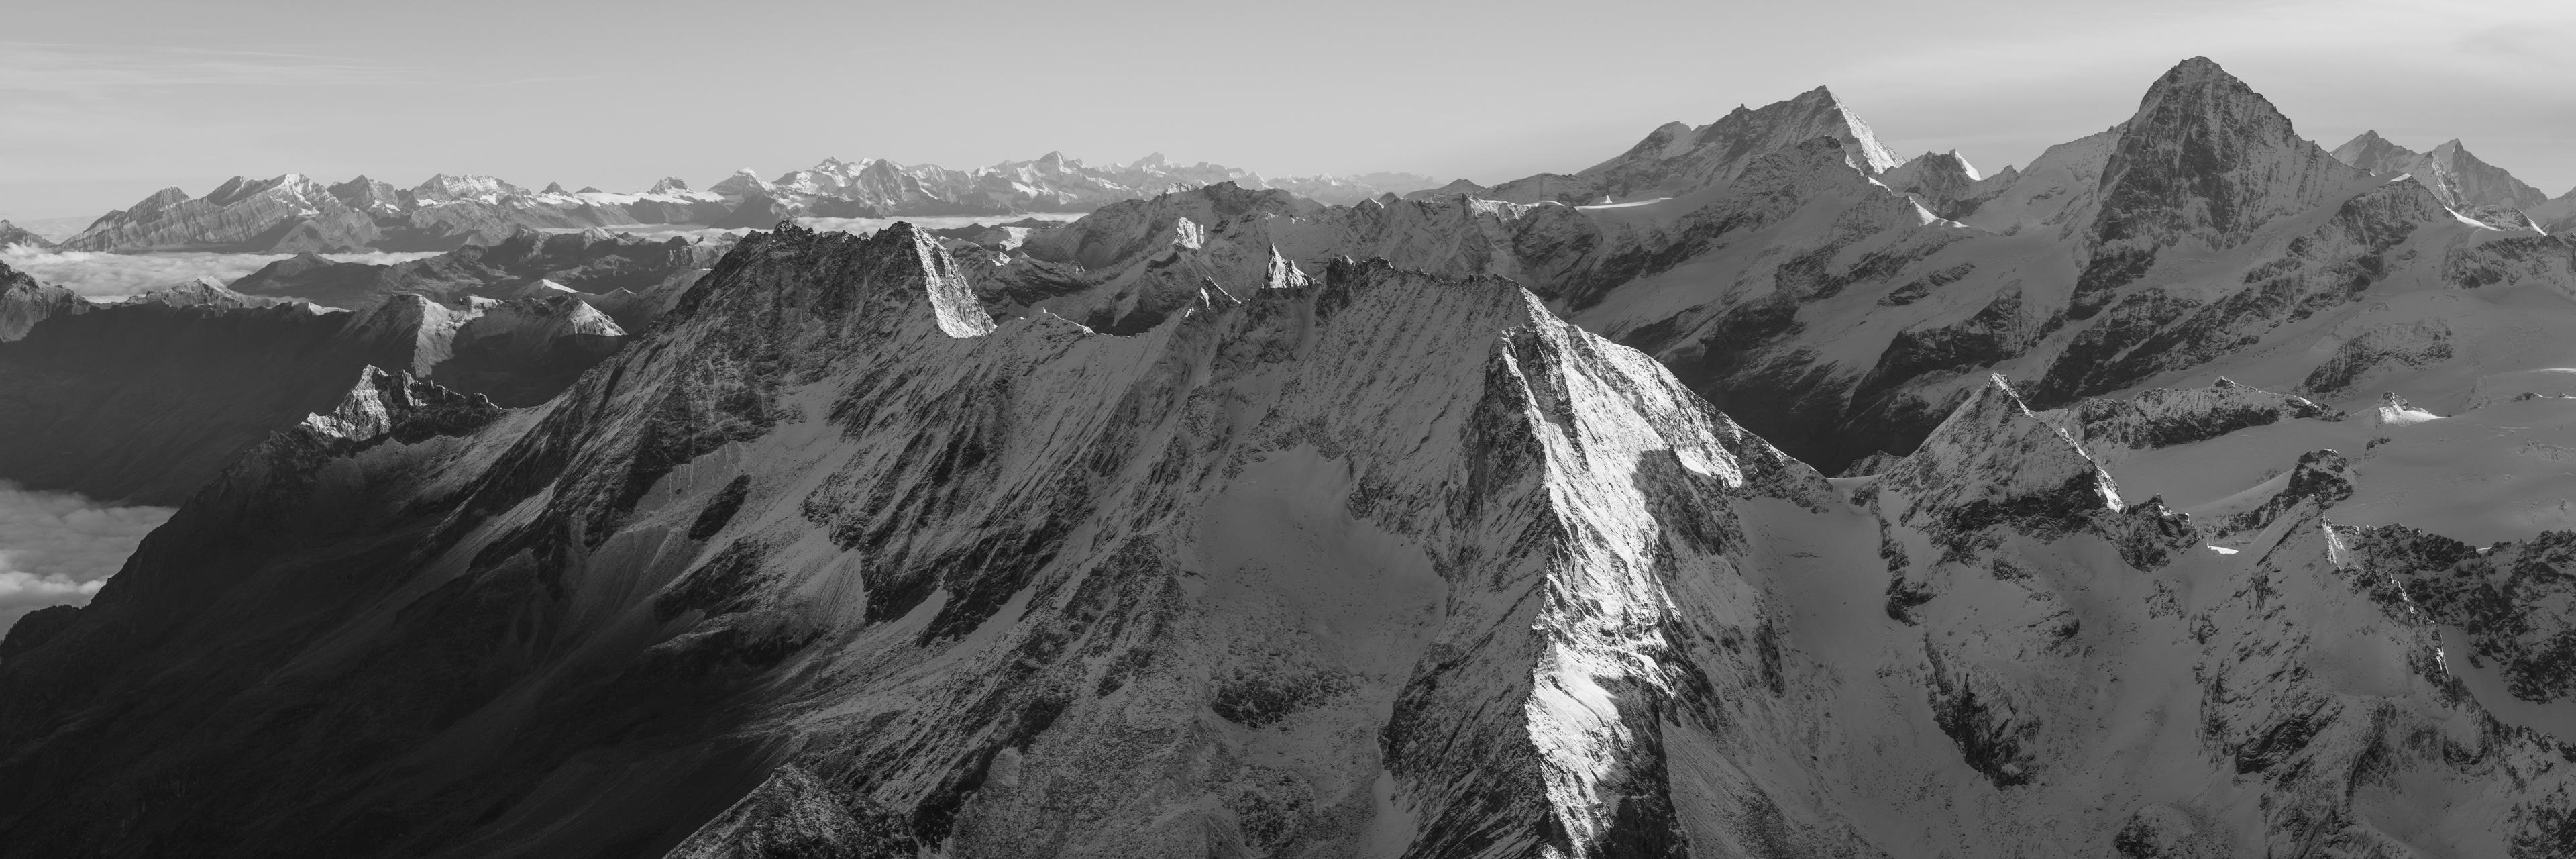 Vue panoramique noir et blanc du massif montagneux des Alpes Suisses Bernoises et Valaisannes